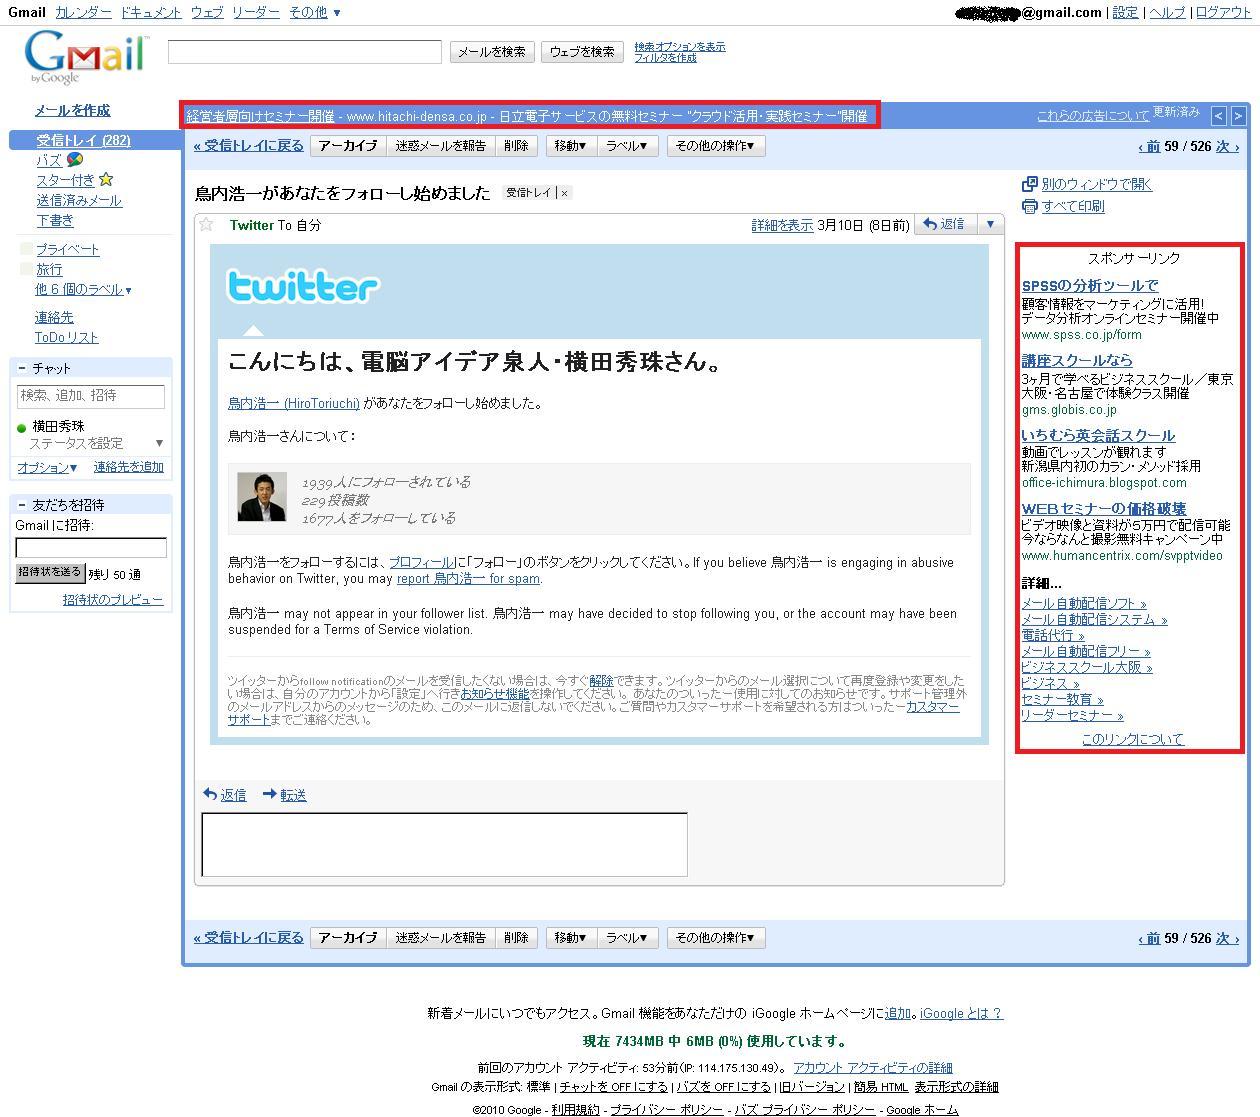 Yahoo!インタレストマッチ広告とGoogleコンテンツ広告